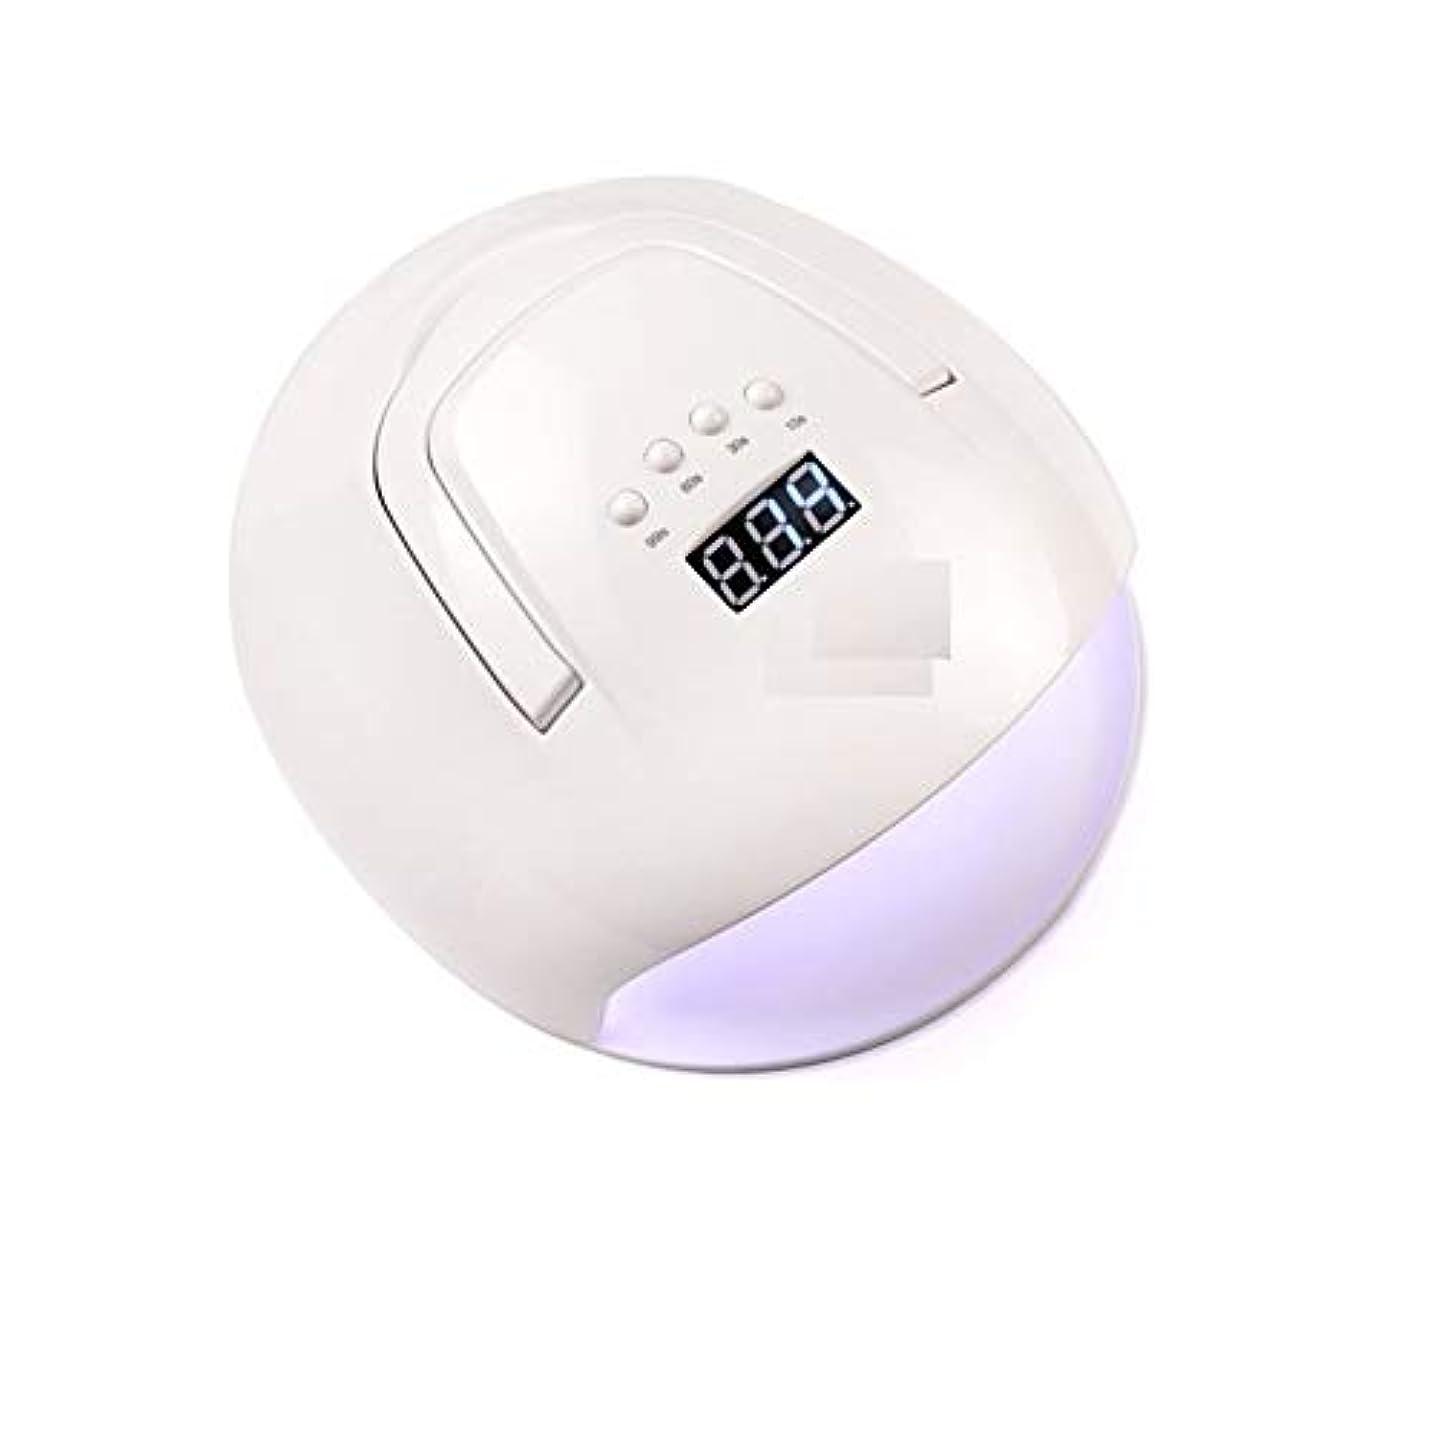 指令ルール岸LittleCat 機械光線療法ポータブルLEDランプ108W赤外線センサーポーランドプラスチック熱ランプドライヤーネイル (色 : European standard circular plug)